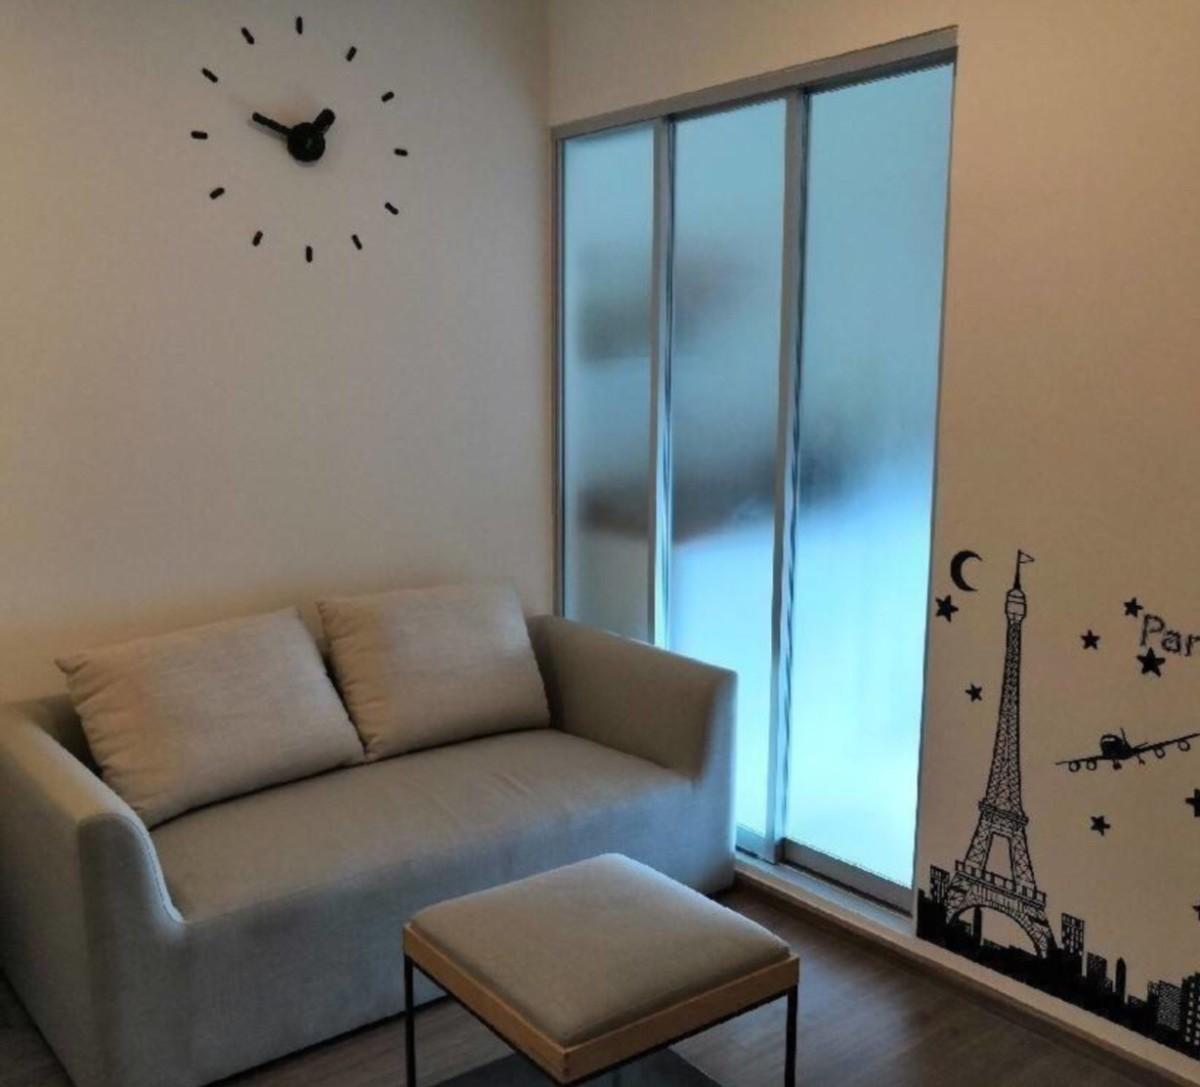 รูปของประกาศเช่าคอนโดยู ดีไลท์ แอท ตลาดพลู สเตชั่น(1 ห้องนอน)(3)